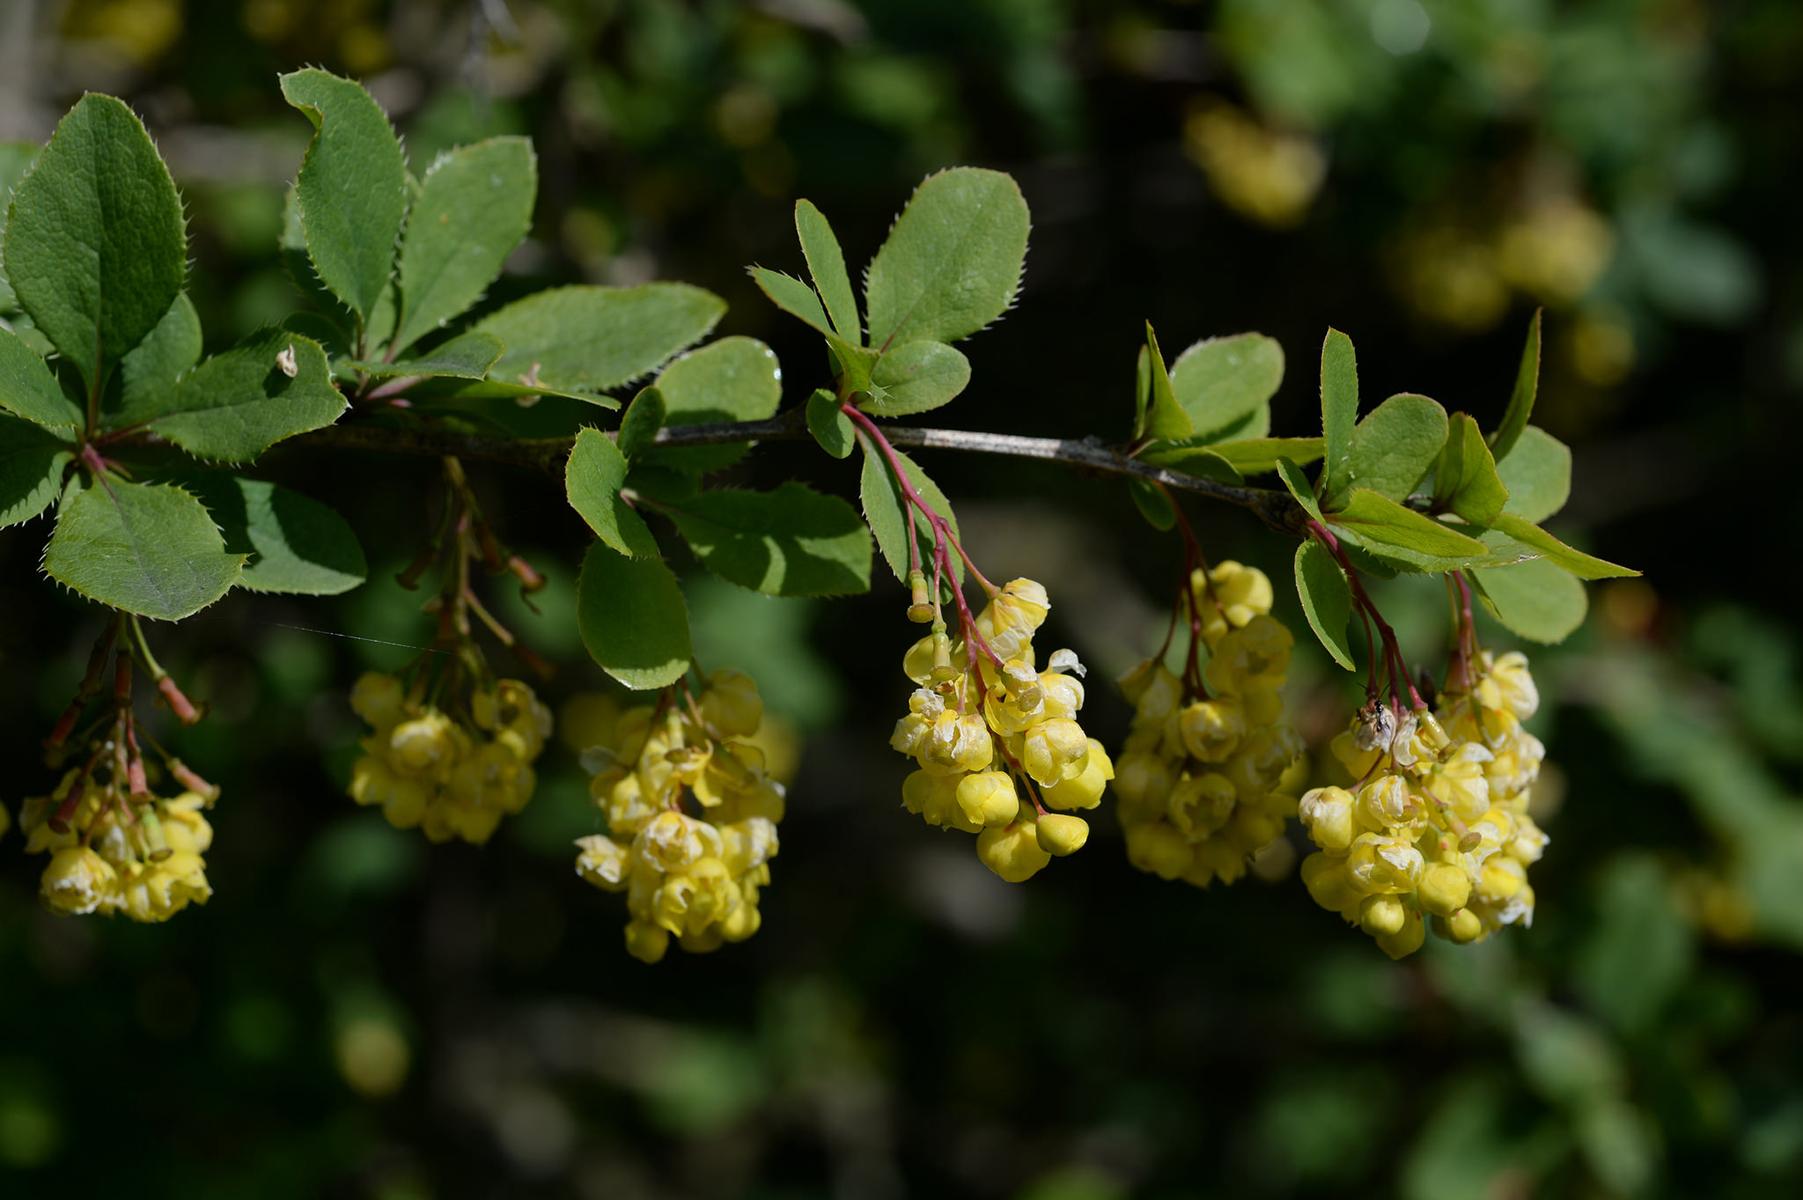 Epine-vinette, fleurs. Crédits : FreeUsePhotos - Flickr